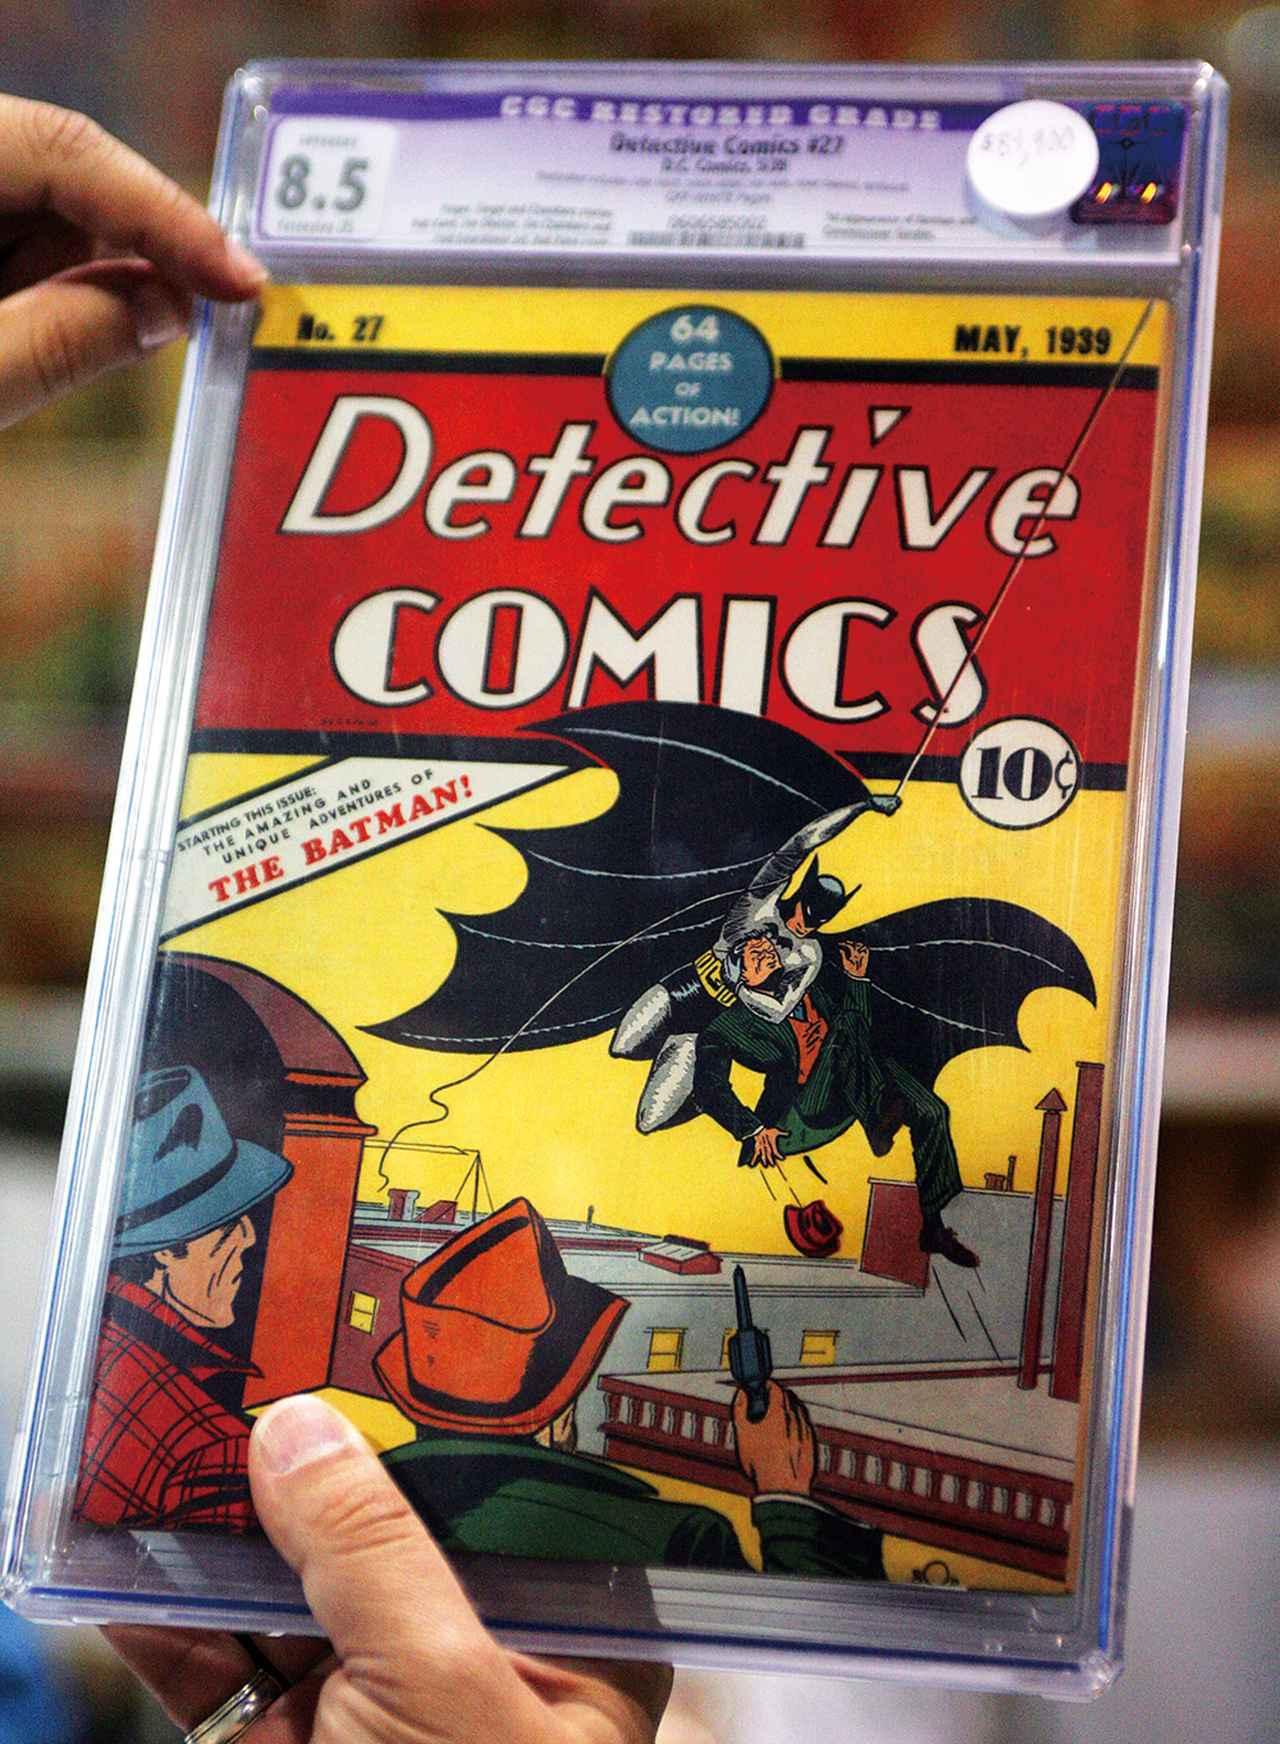 """画像: 1939年に発刊された最初のバットマンのコミックが掲載された""""ディテクティブ・コミック""""誌"""